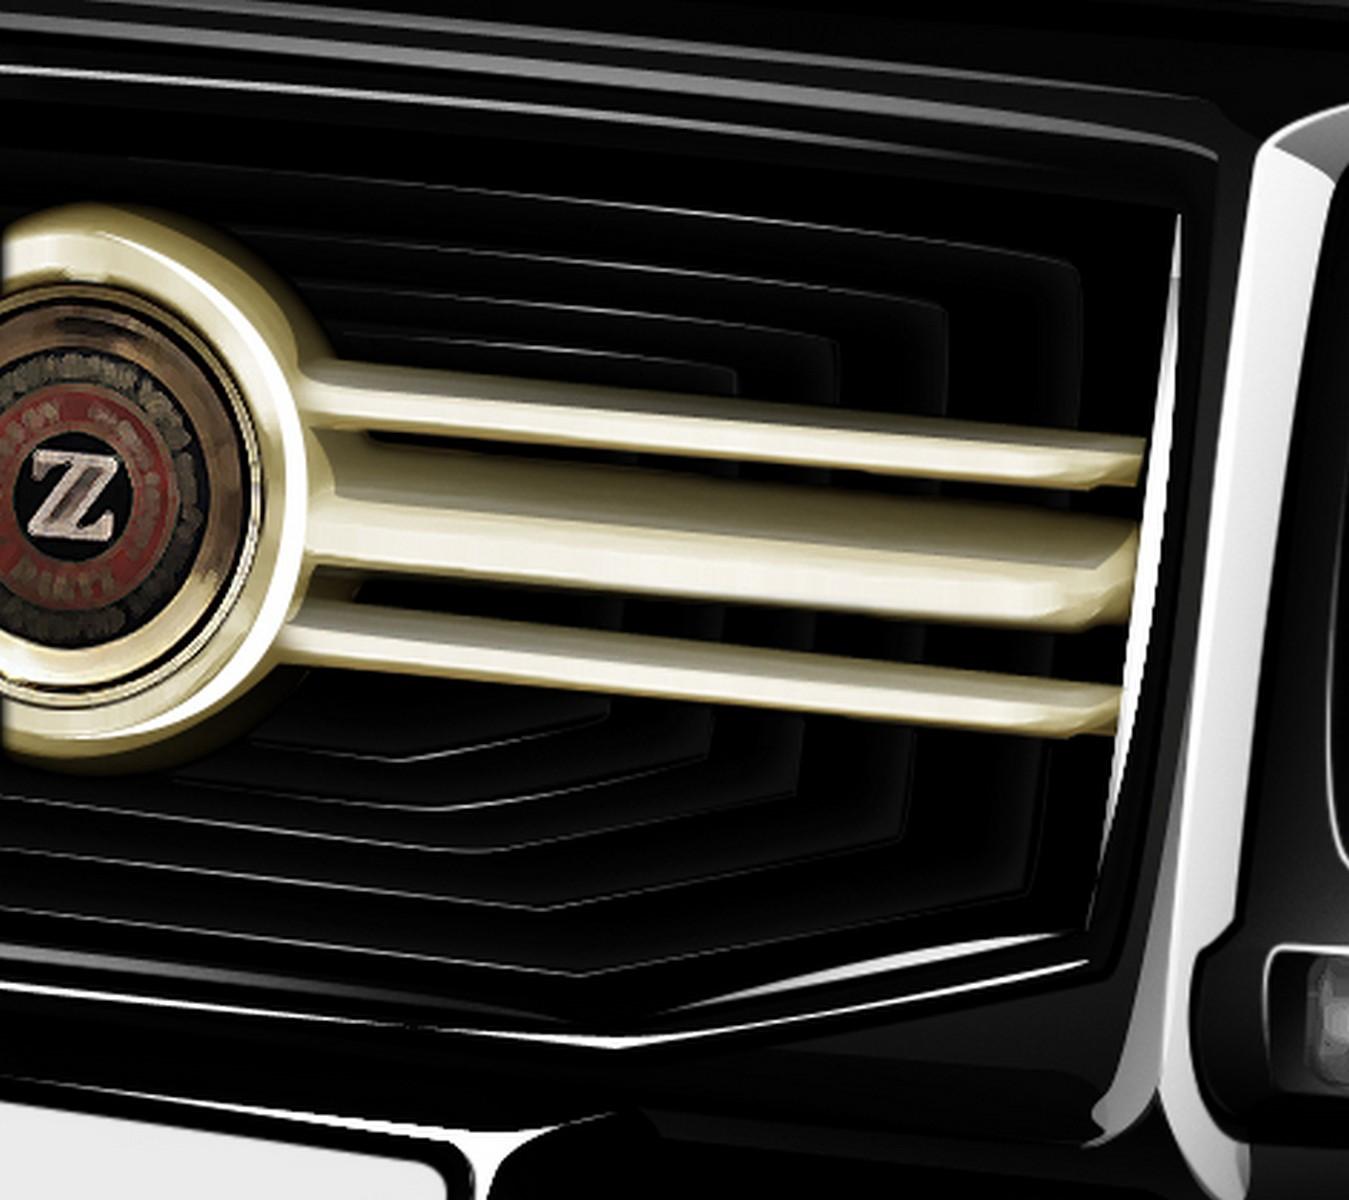 """Mercedes-Benz G63 AMG V8 Biturbo 6x6: """"unique"""" W463_6x6_dartz02"""